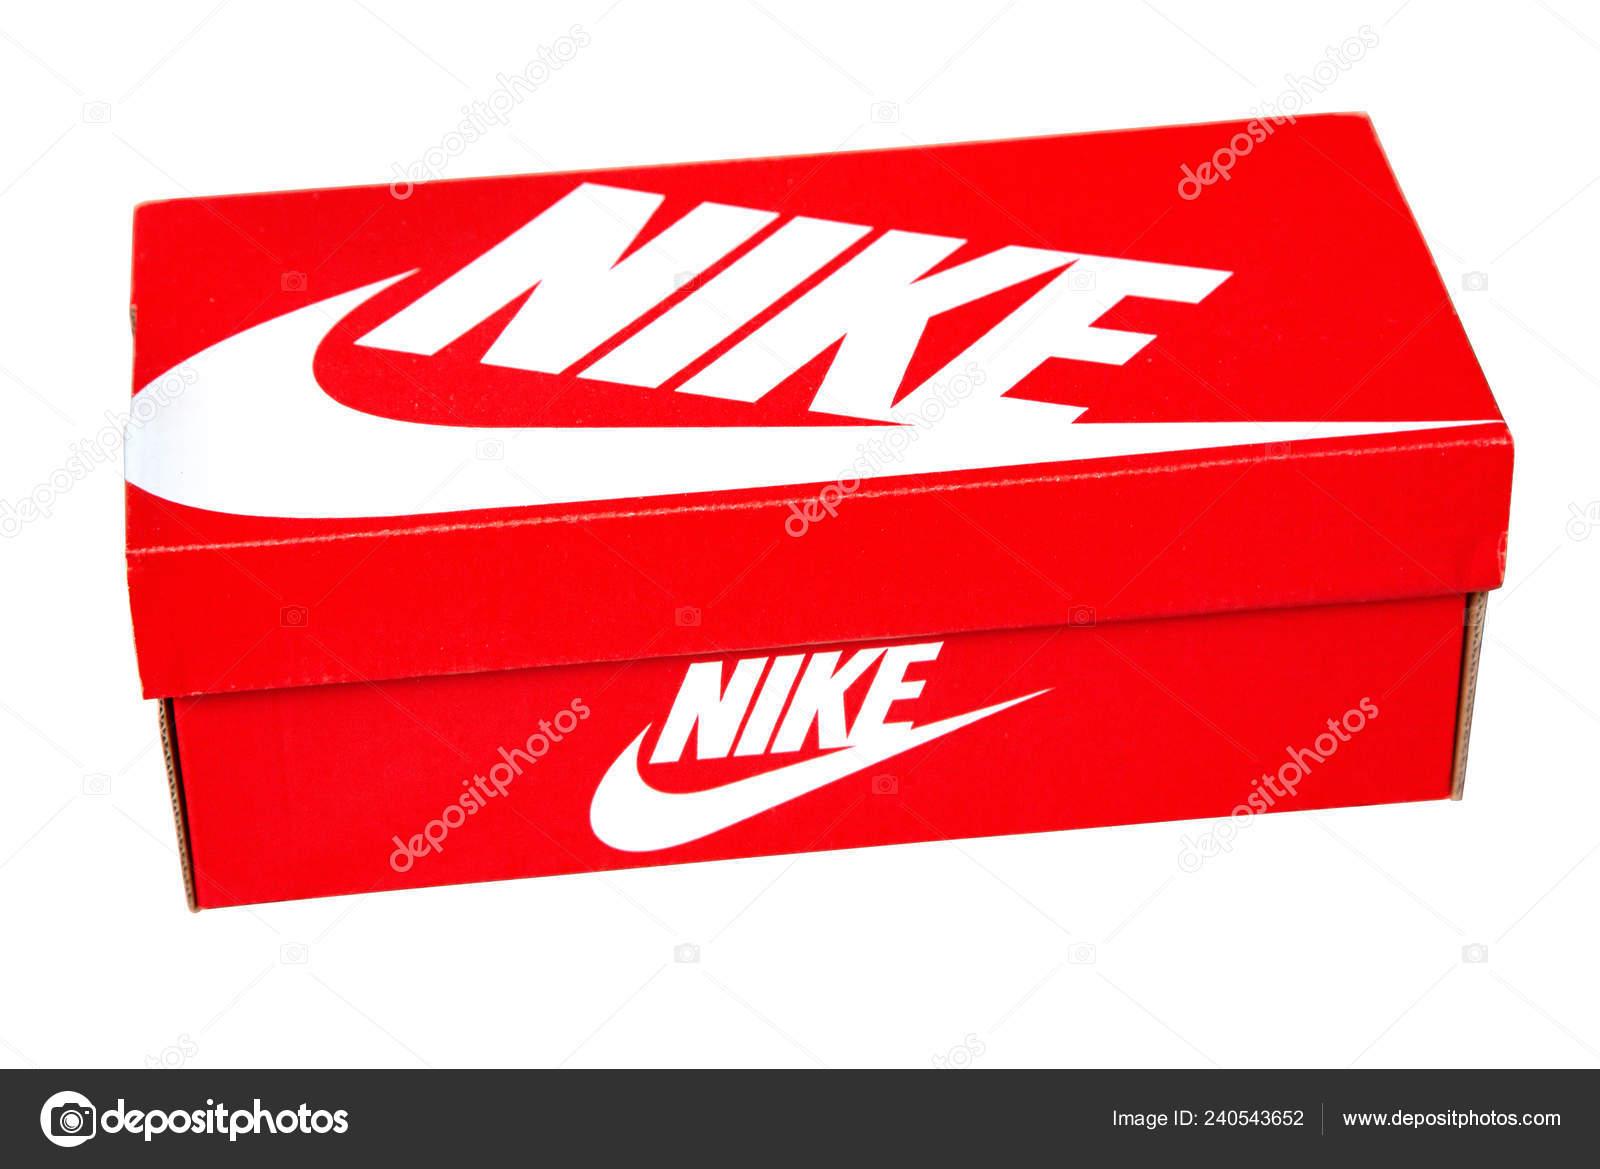 9e6ac6c9524 Κισινάου, Μολδαβία 26 Ιουνίου 2018: Nike παπούτσια κουτί που απομονώνονται  σε λευκό φόντο. Nike είναι ένας από τους παγκόσμιους μεγαλύτερους  προμηθευτές ...